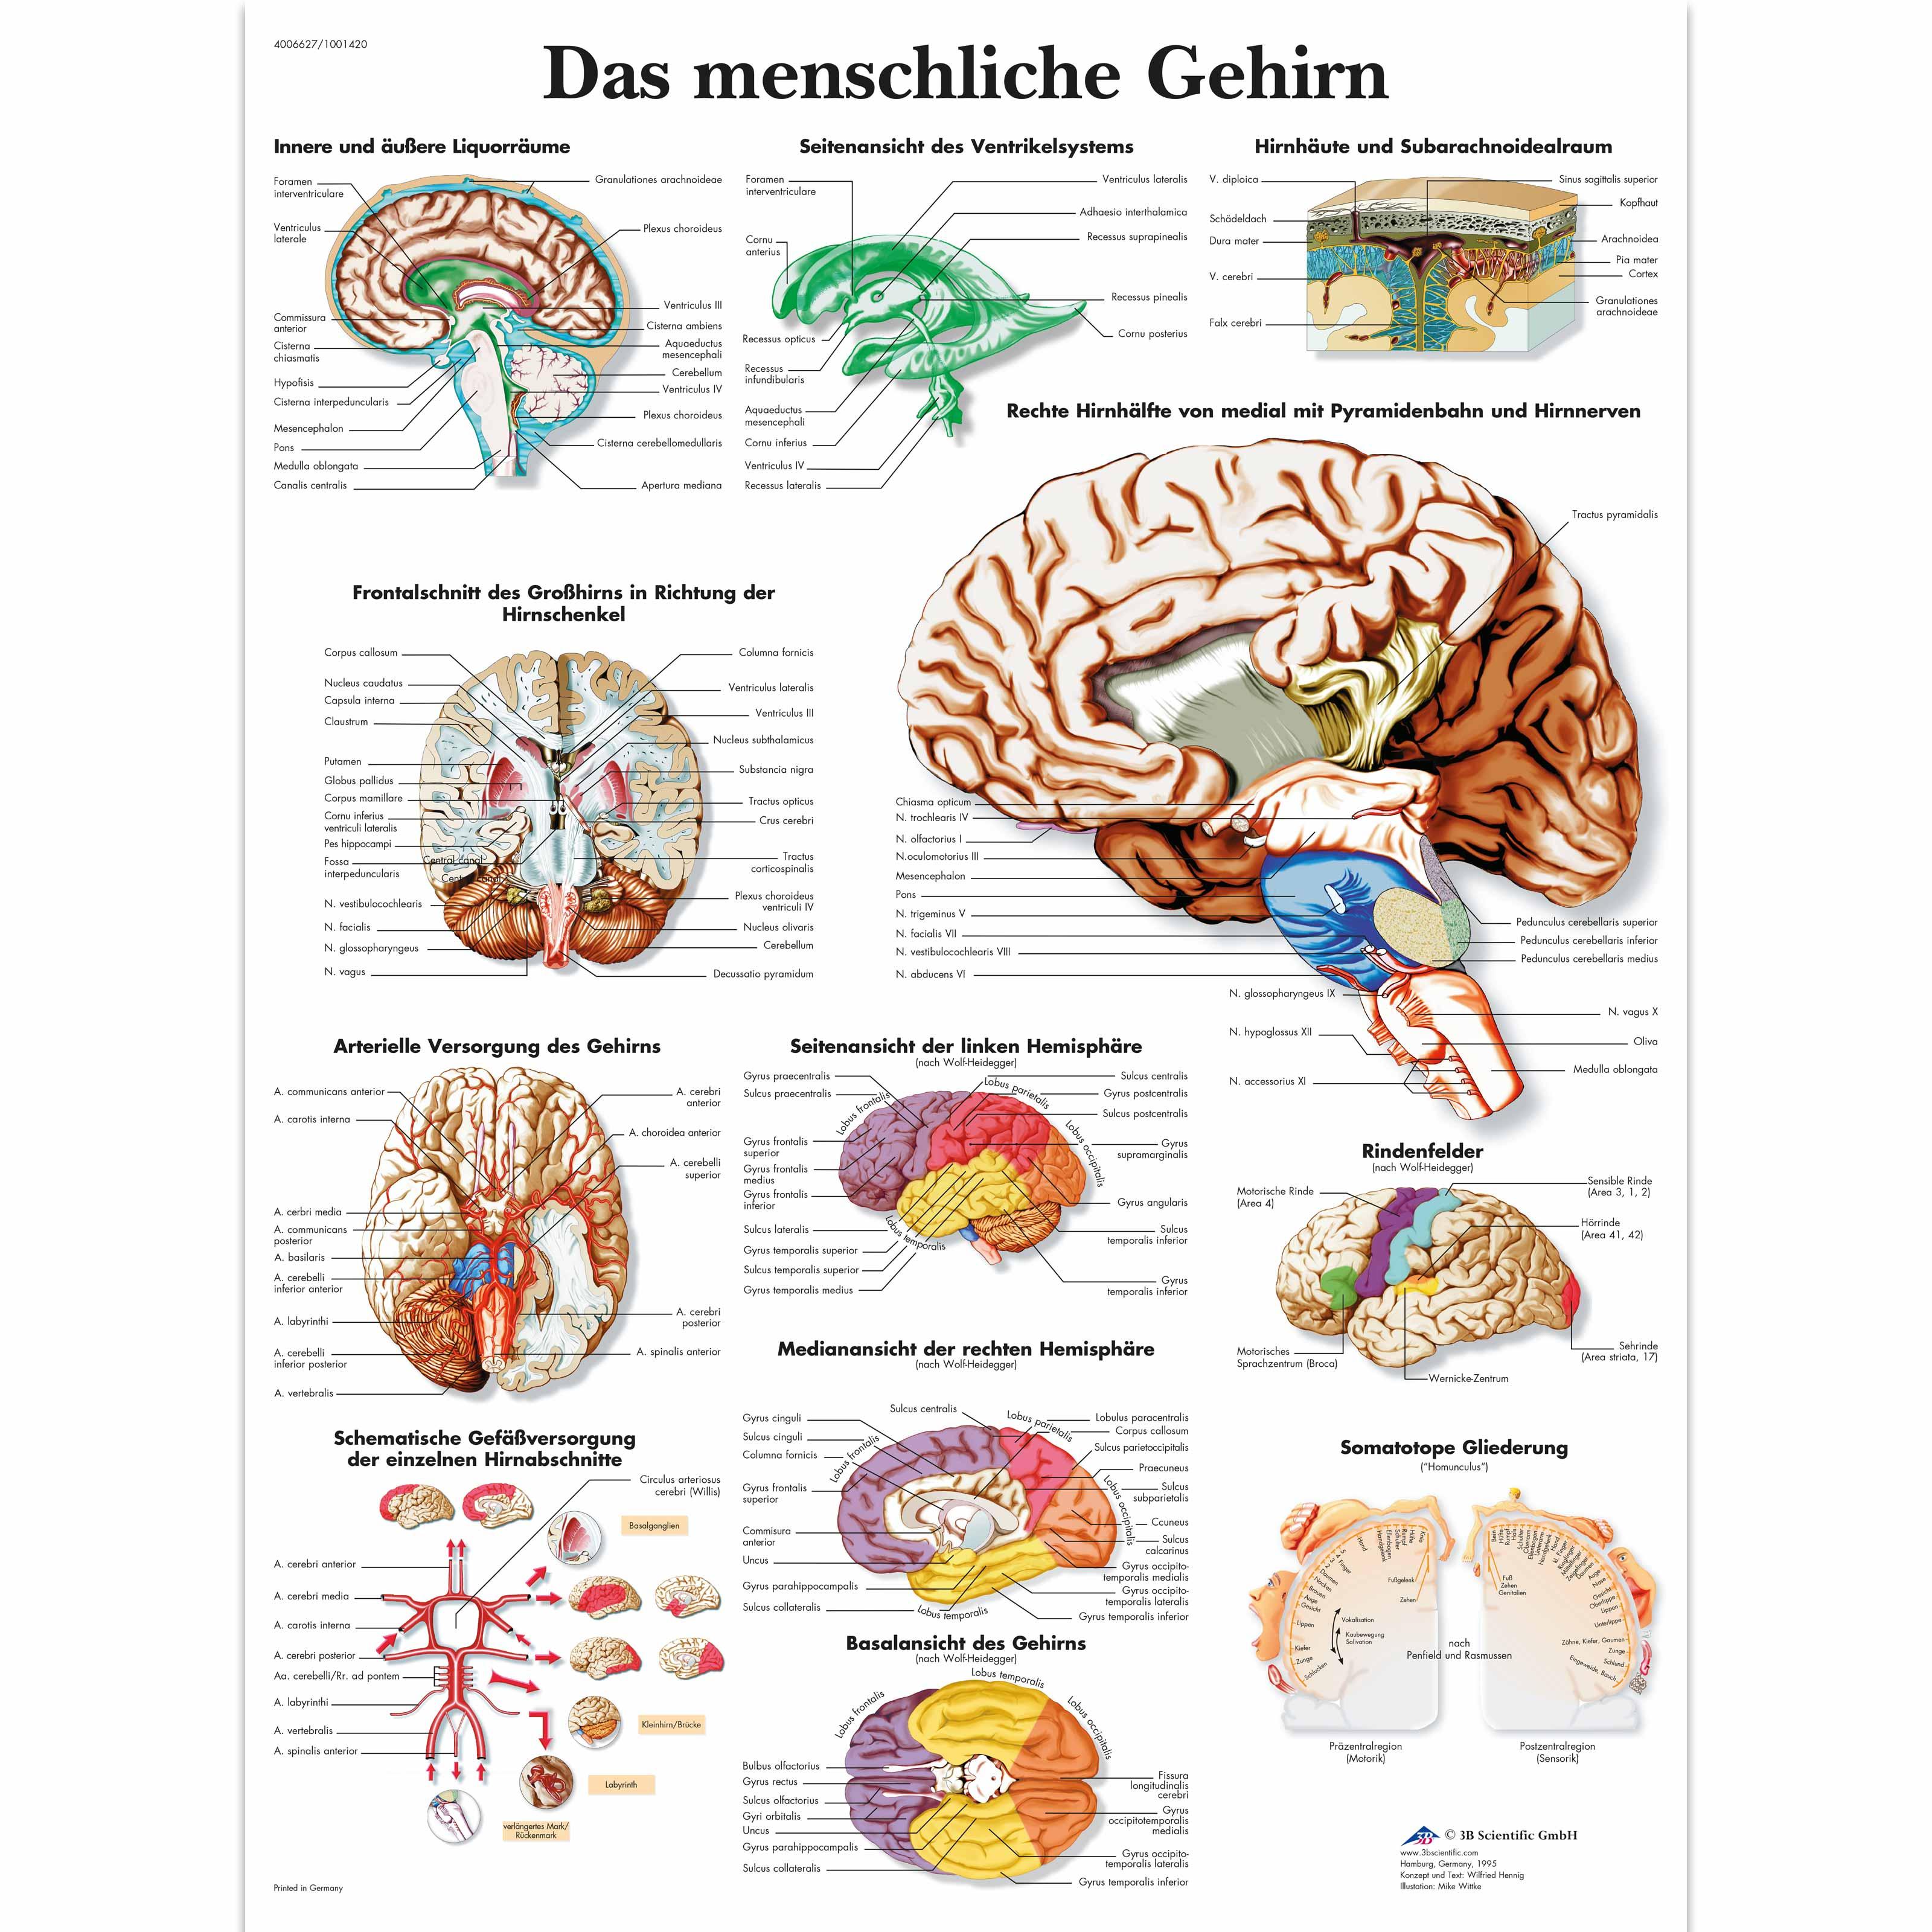 Gemütlich Anatomie Des Gehirns Diagramm Zeitgenössisch - Anatomie ...